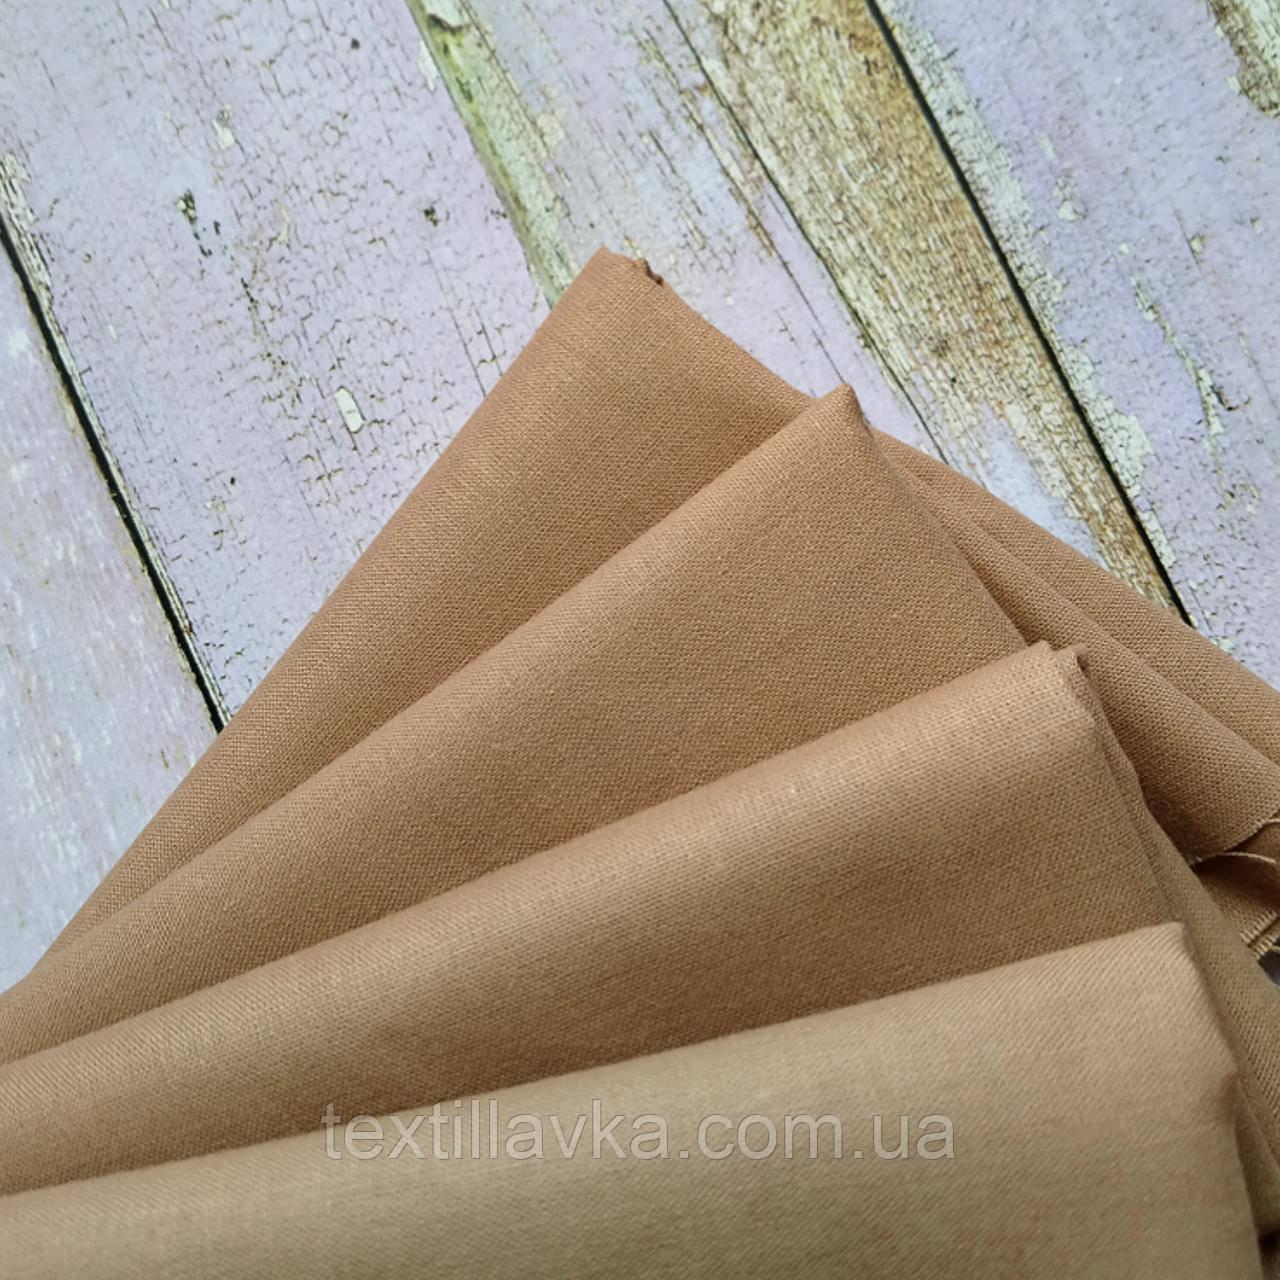 Ткань хлопок для рукоделия мокко